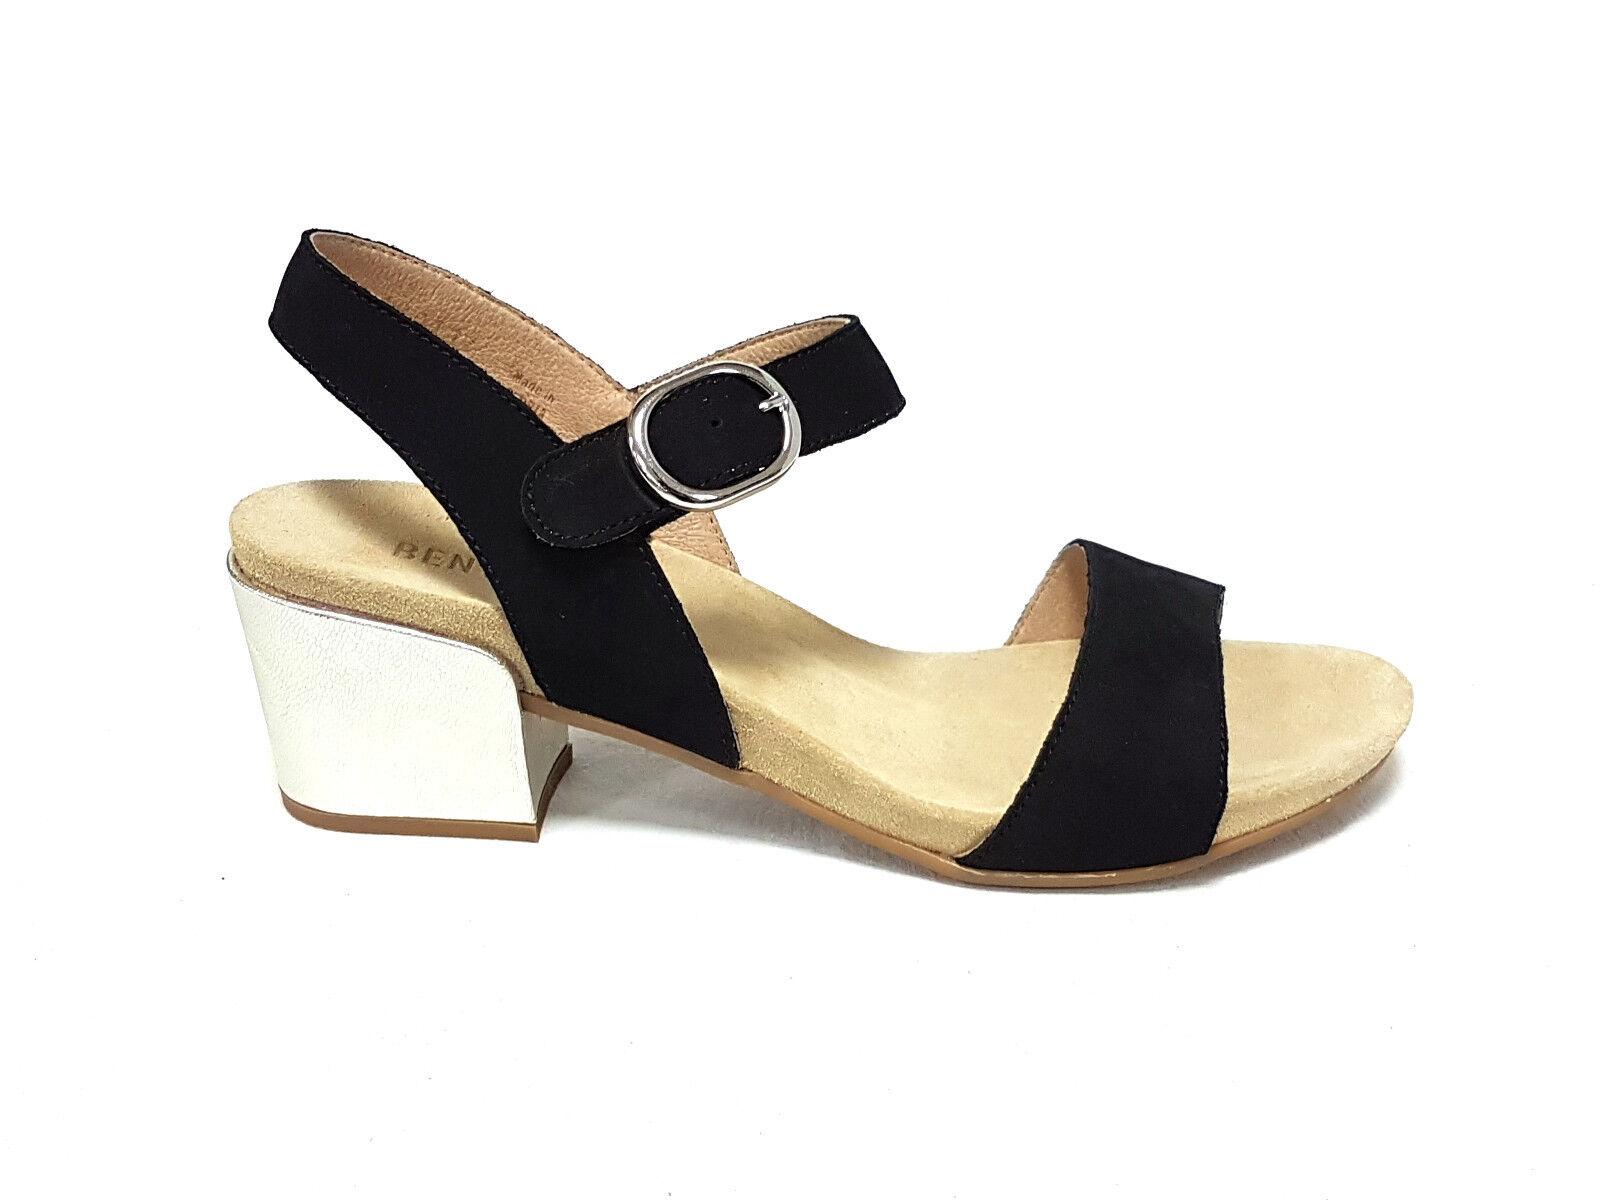 Benvado Benvado Benvado sandali donna Perla nero platino n°40(6,5uk) 1a5616